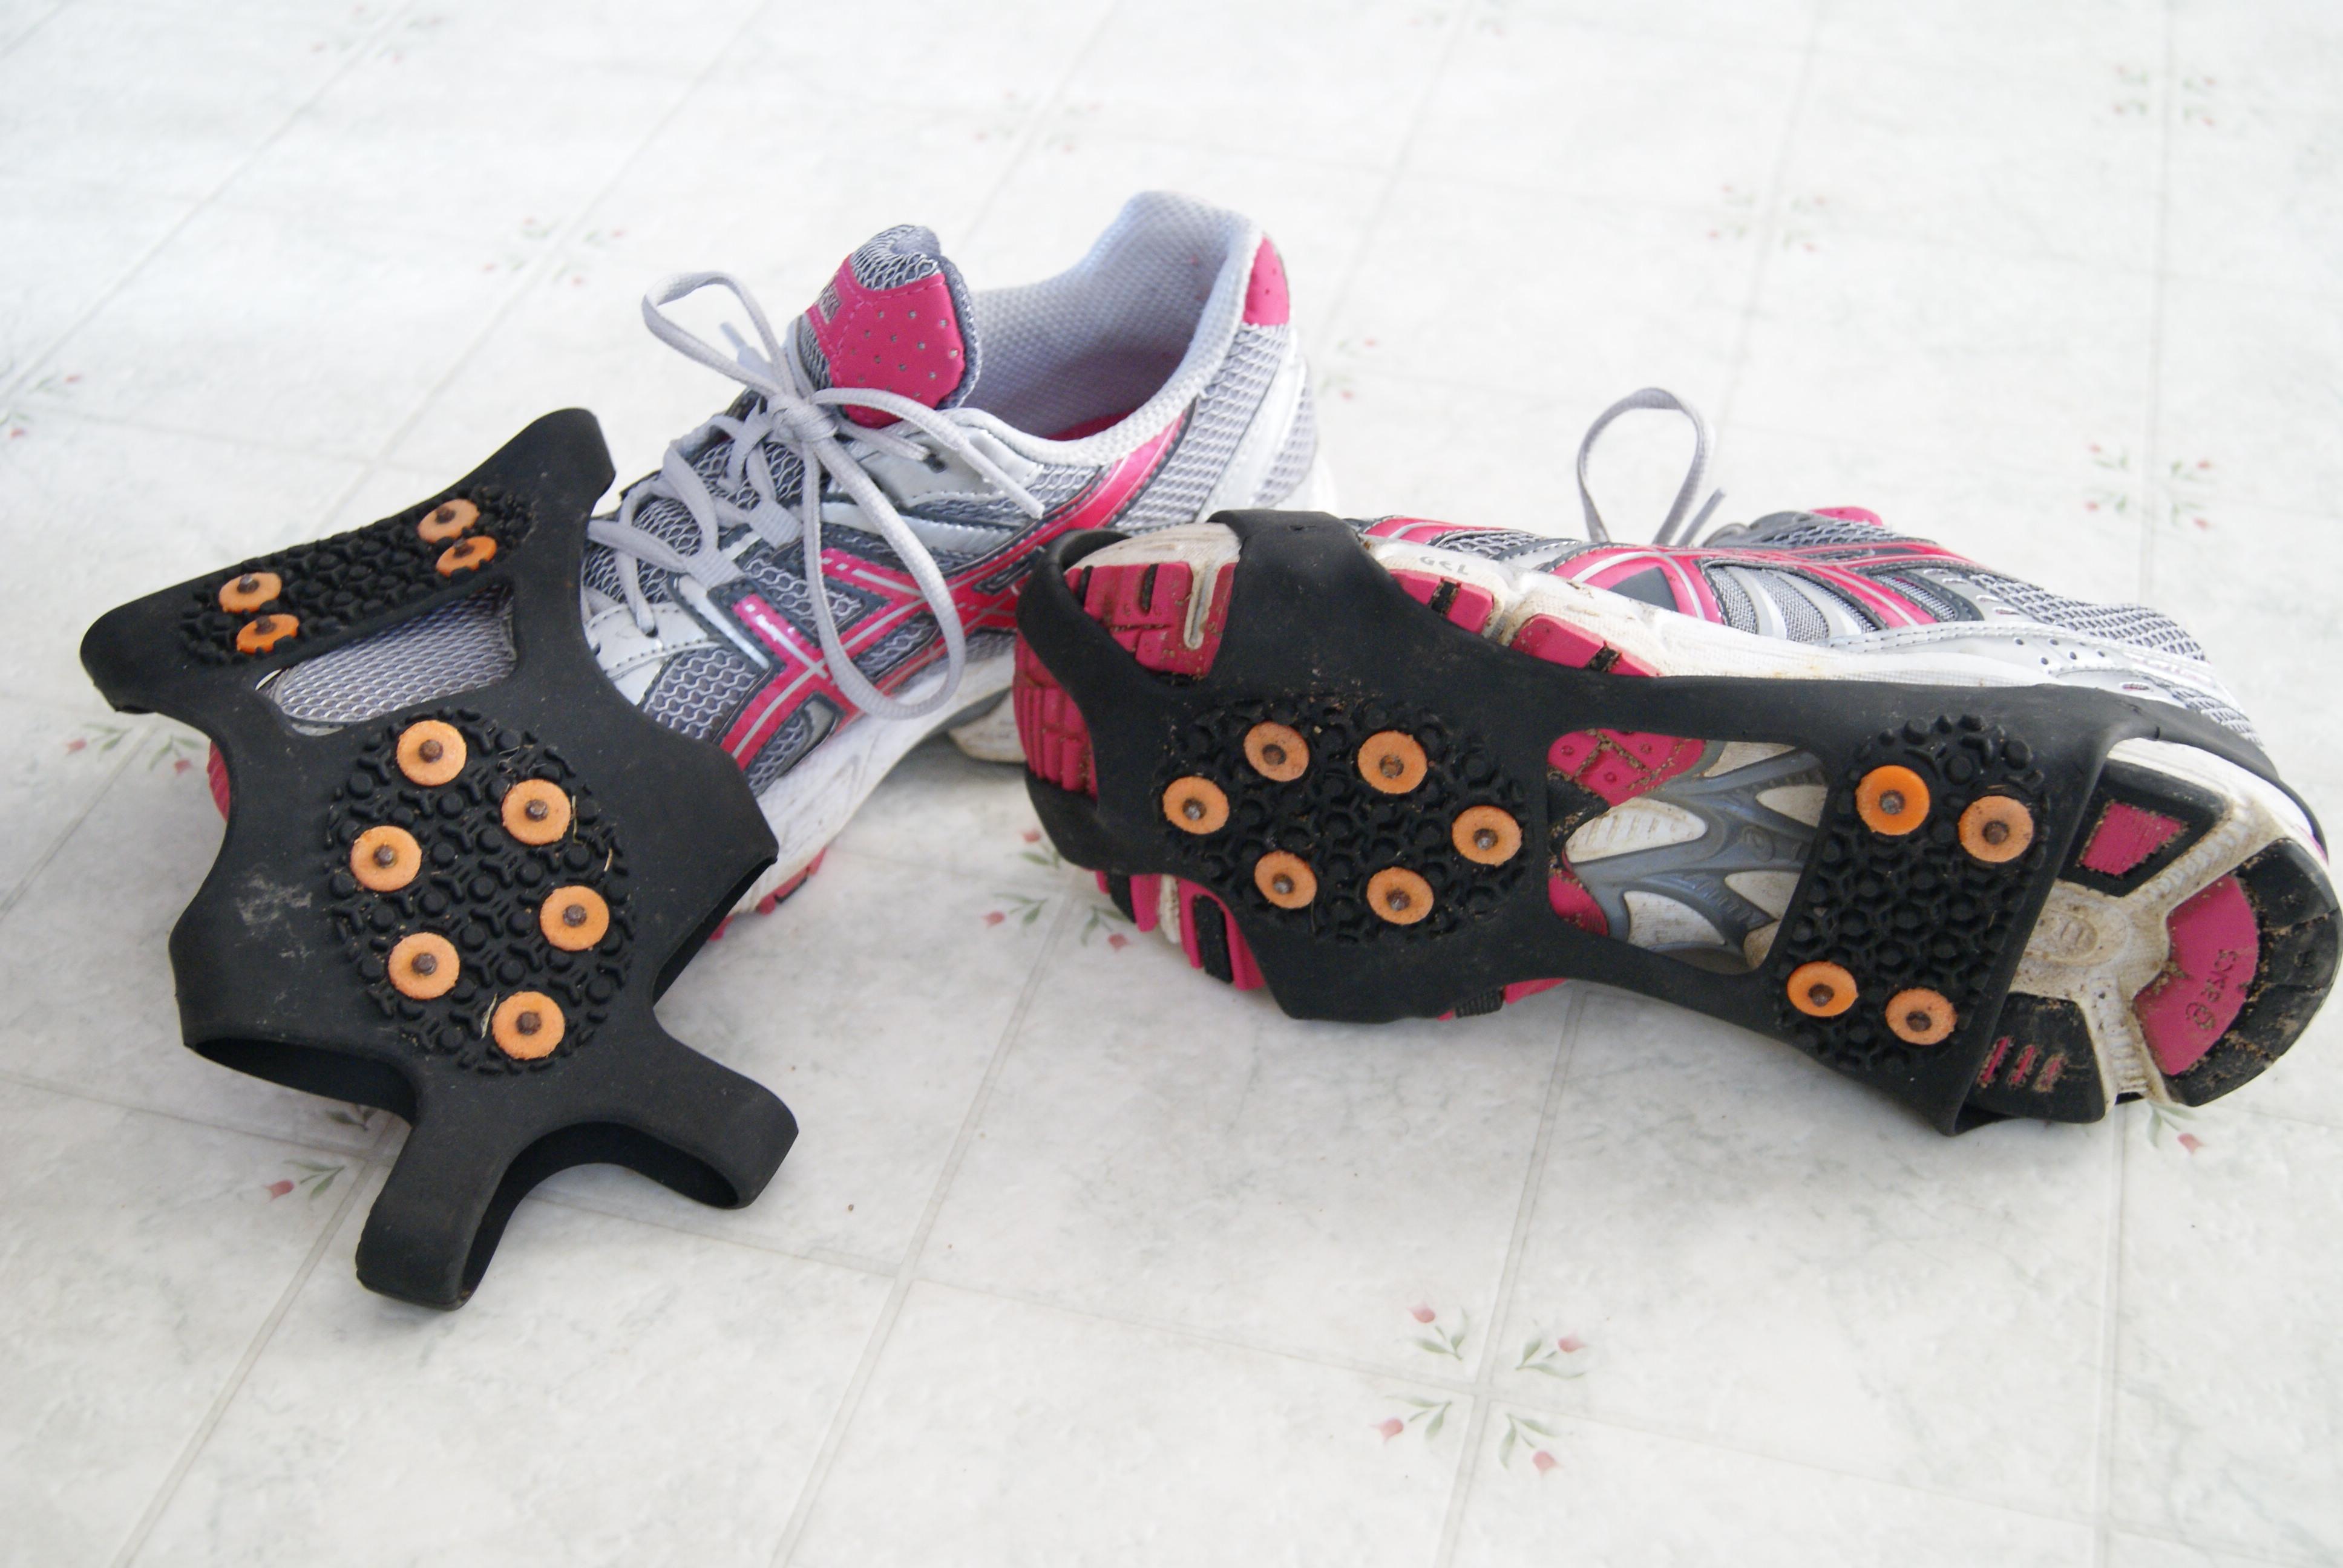 Running Room Winter Gear